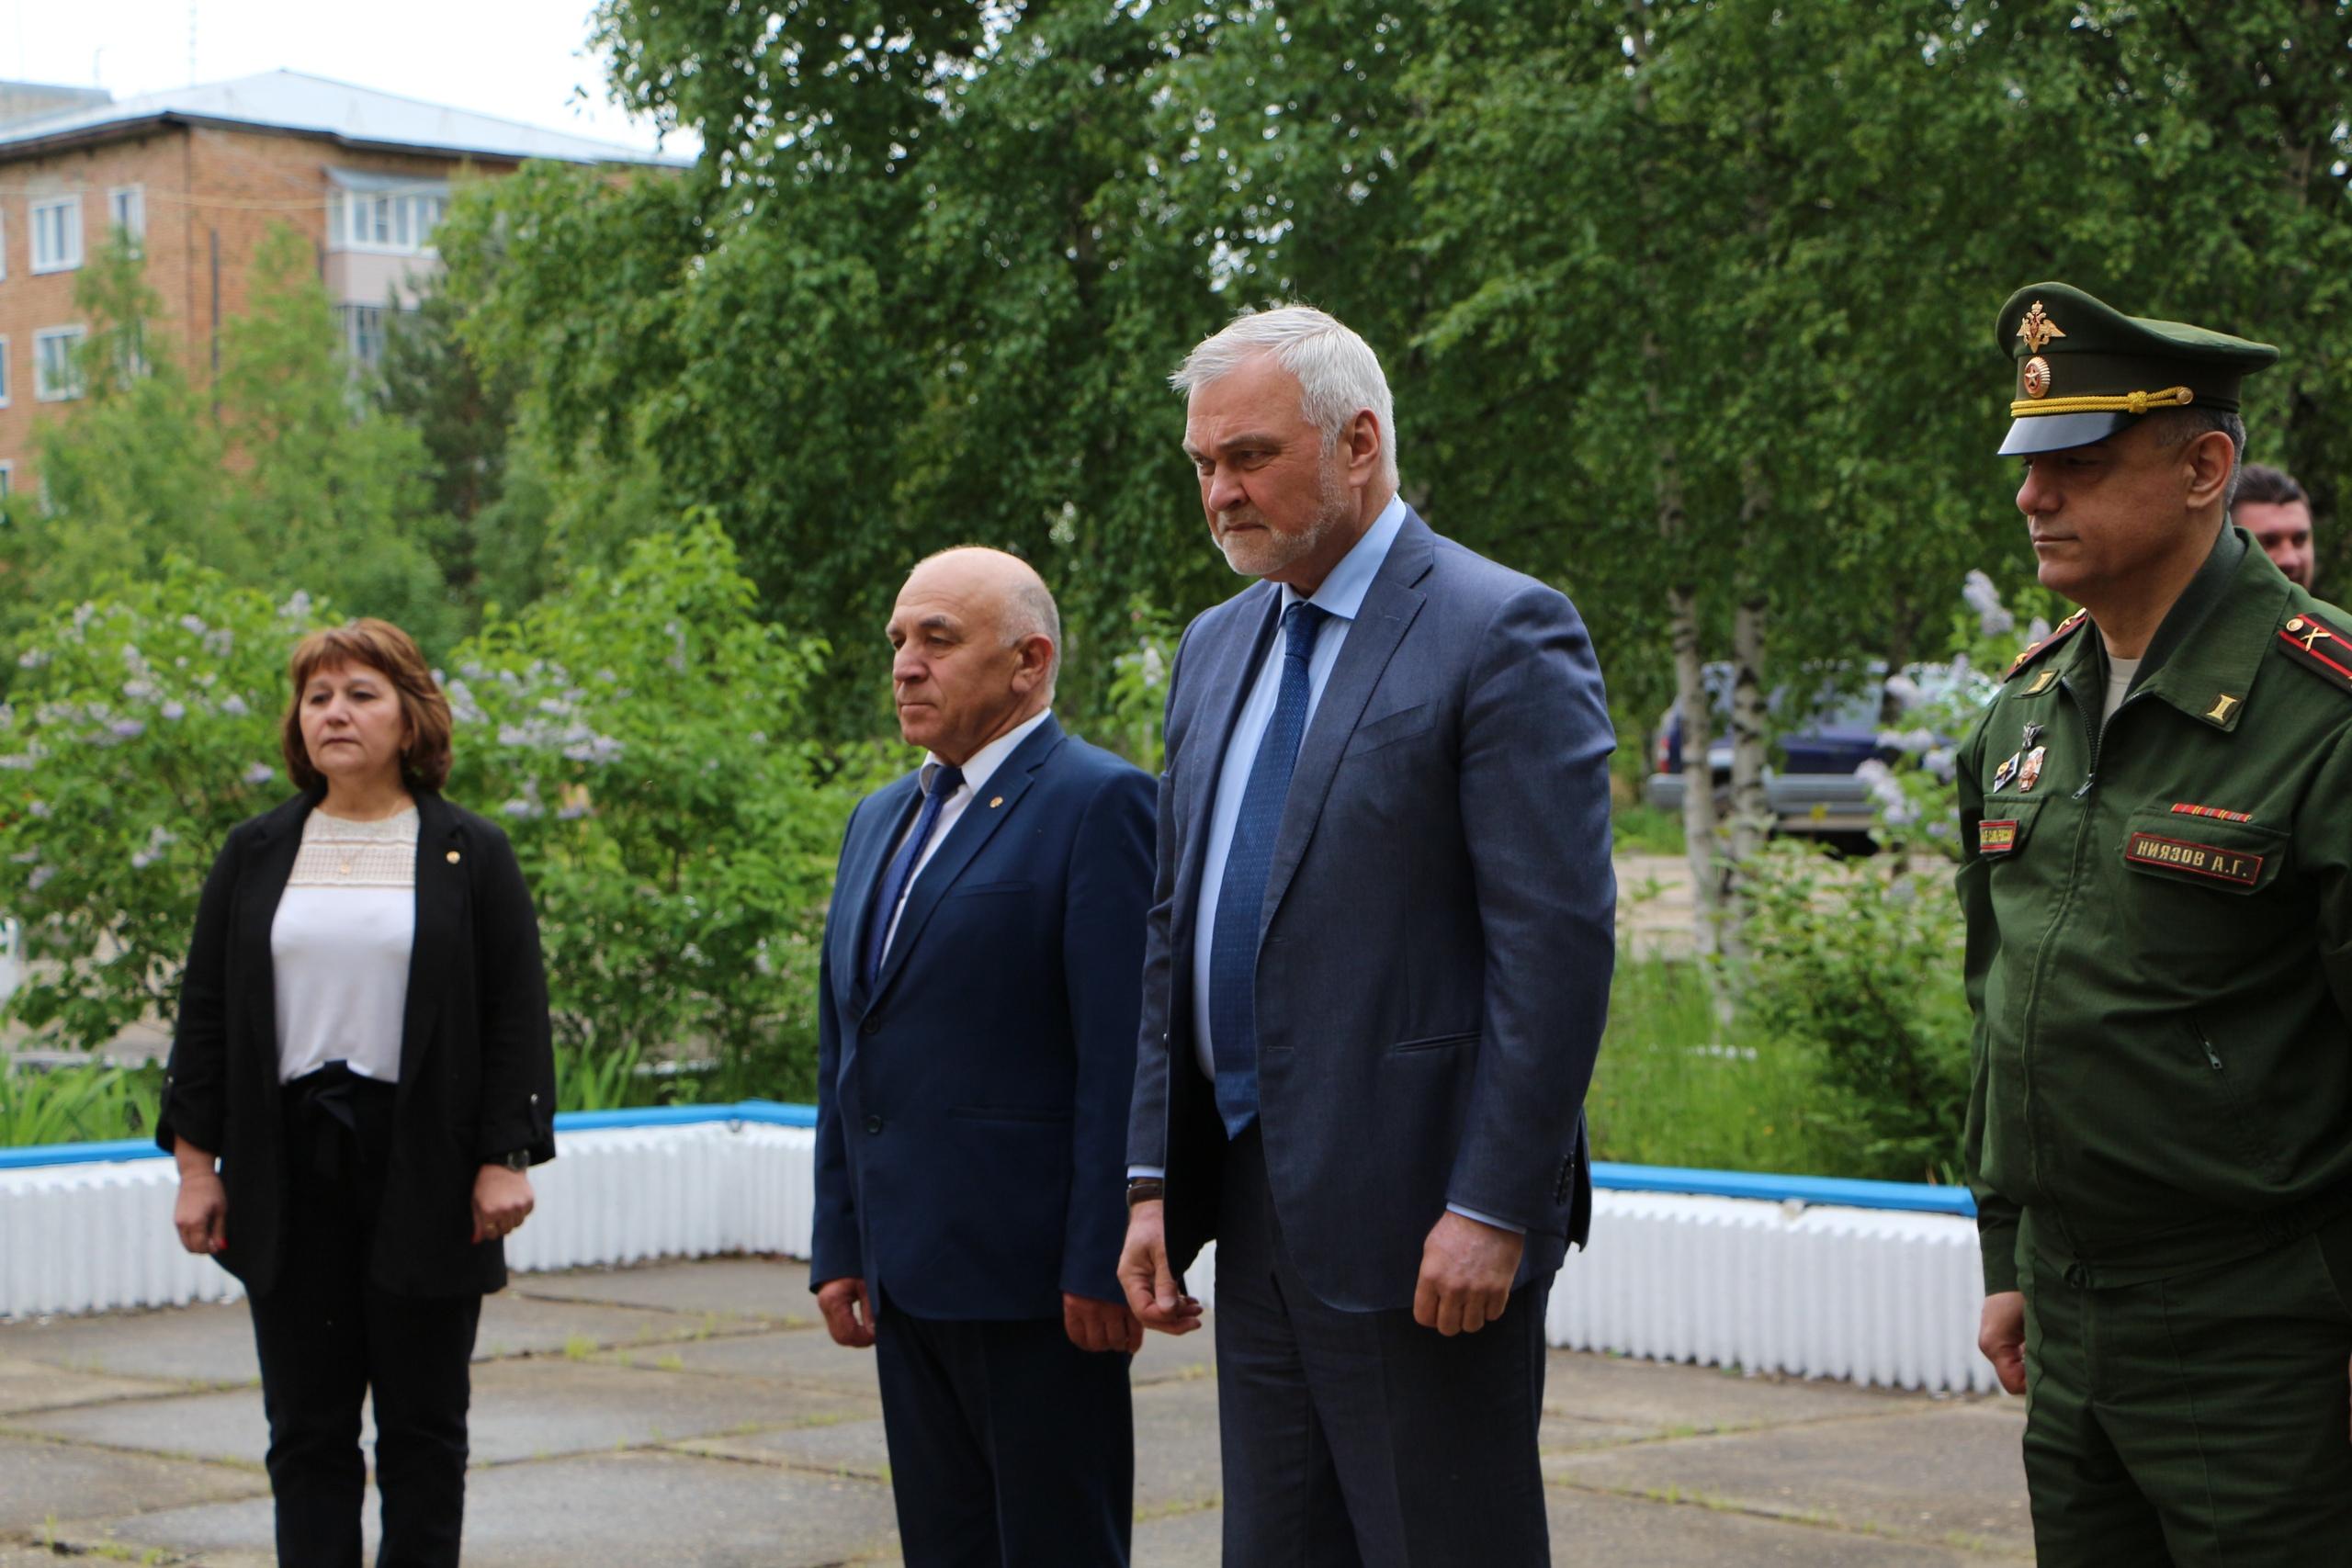 Владимир Уйба и Николай Жилин почтили память погибших в Великой Отечественной войне